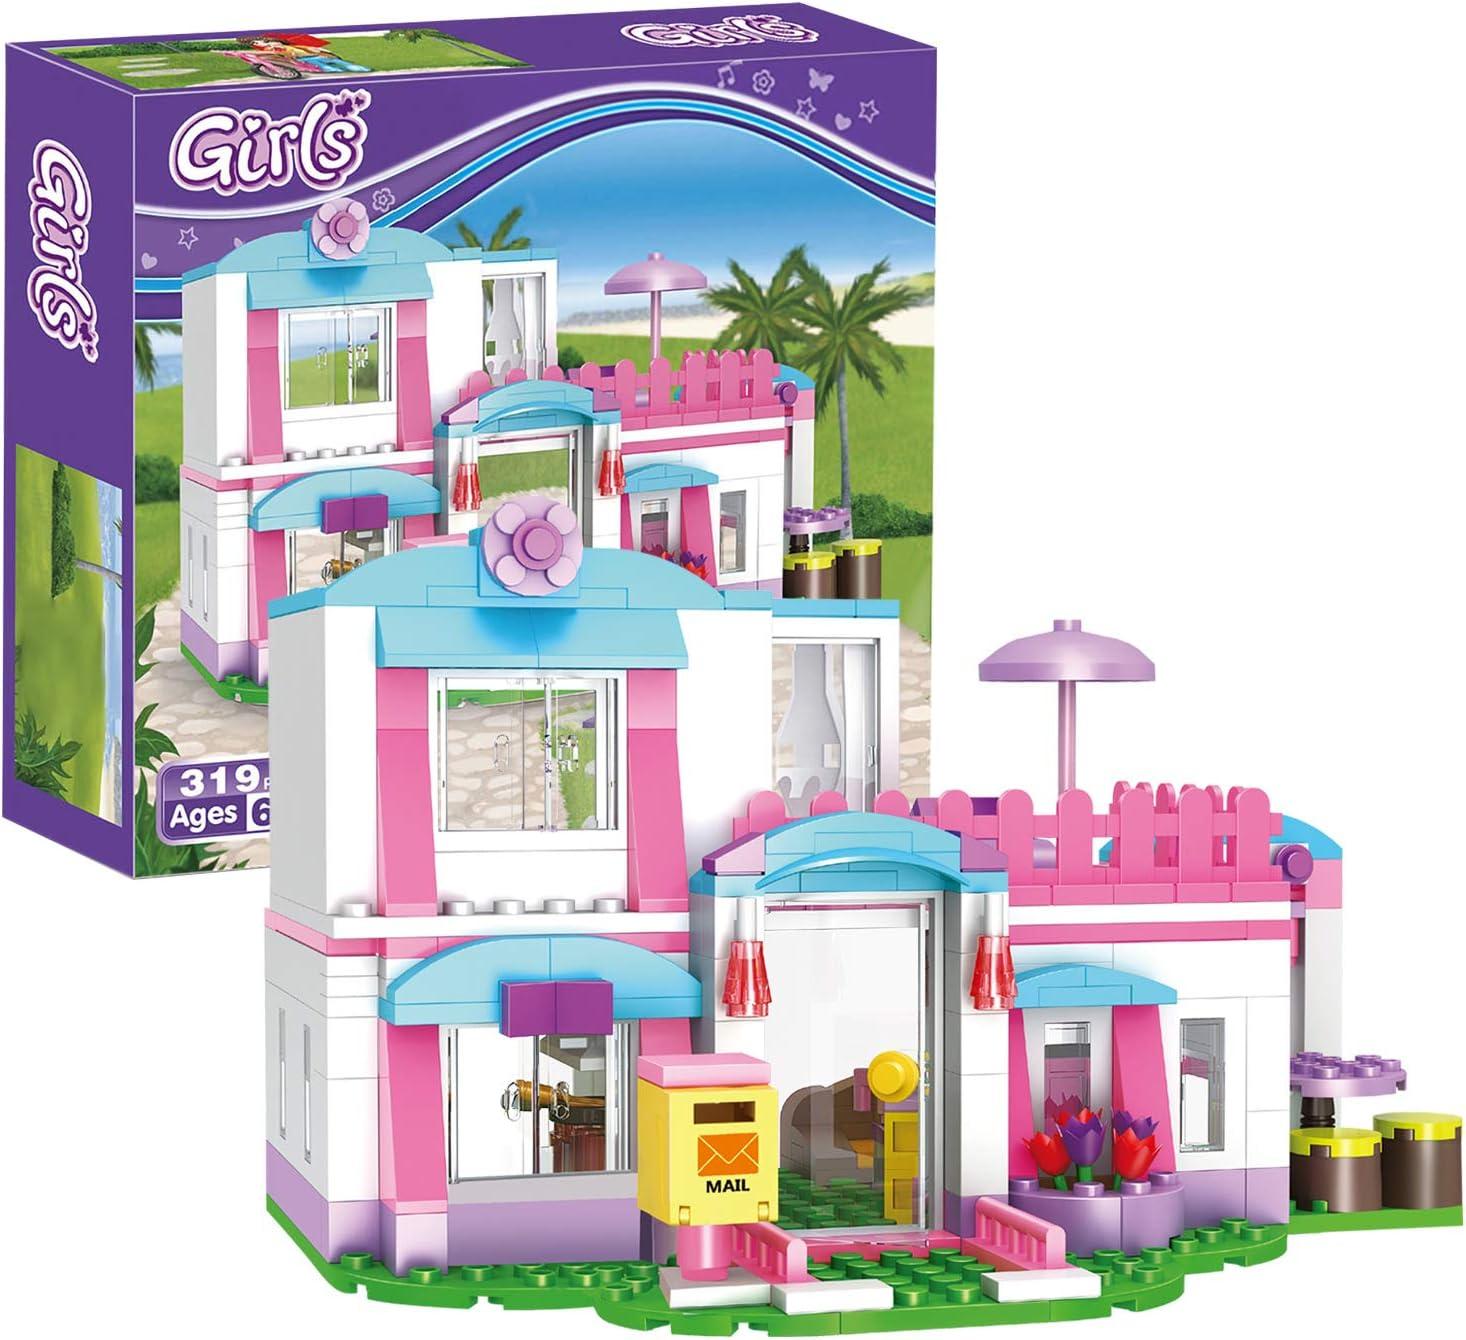 Friends Star Singer Building Block Brick Toy Children Kids Girl Birthday Gift